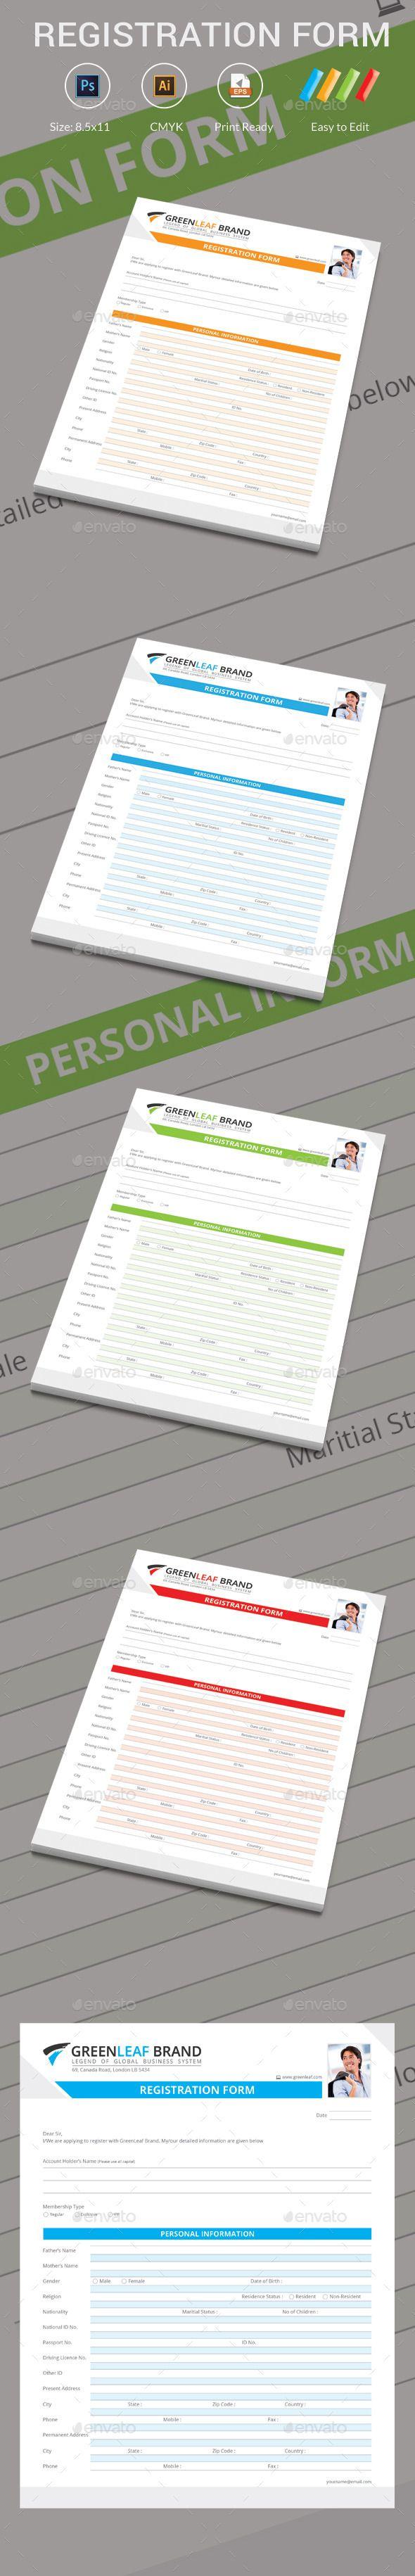 Paper Registration Form Template Registration Form — Photoshop Psd #registration Paper #corporate .